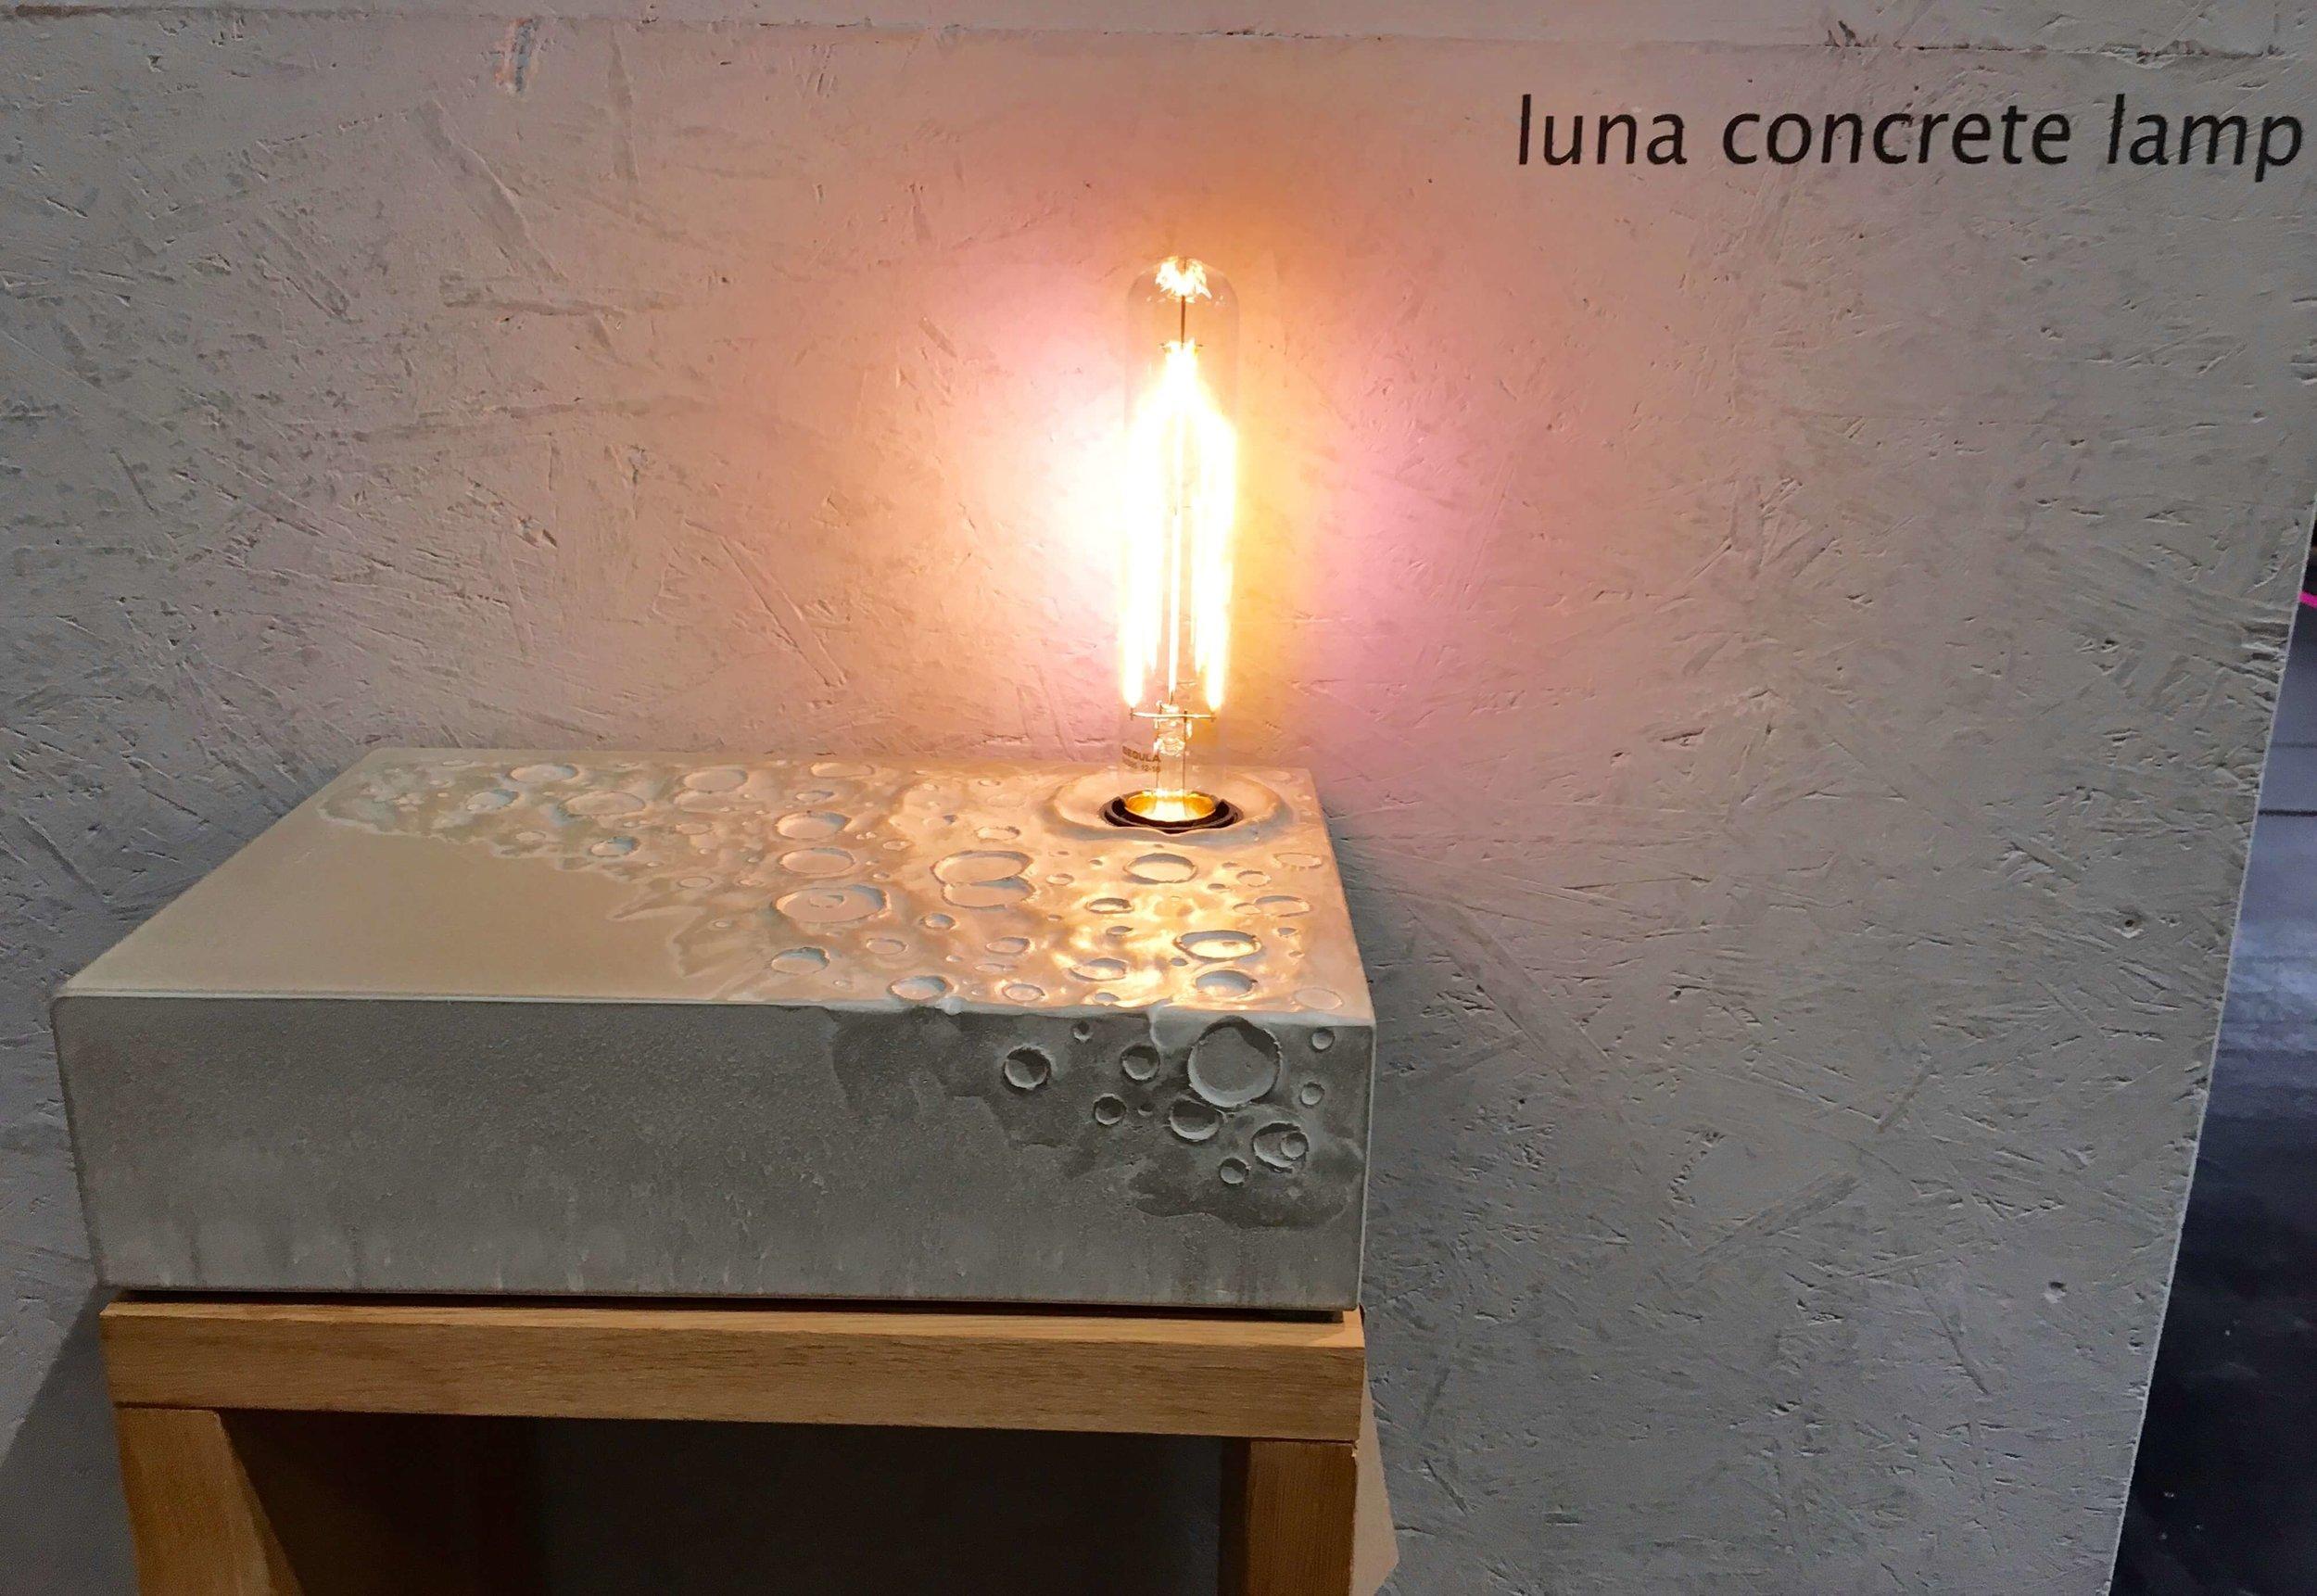 Betonleuchte Luna, werftbeton, Foto: U. Latzke